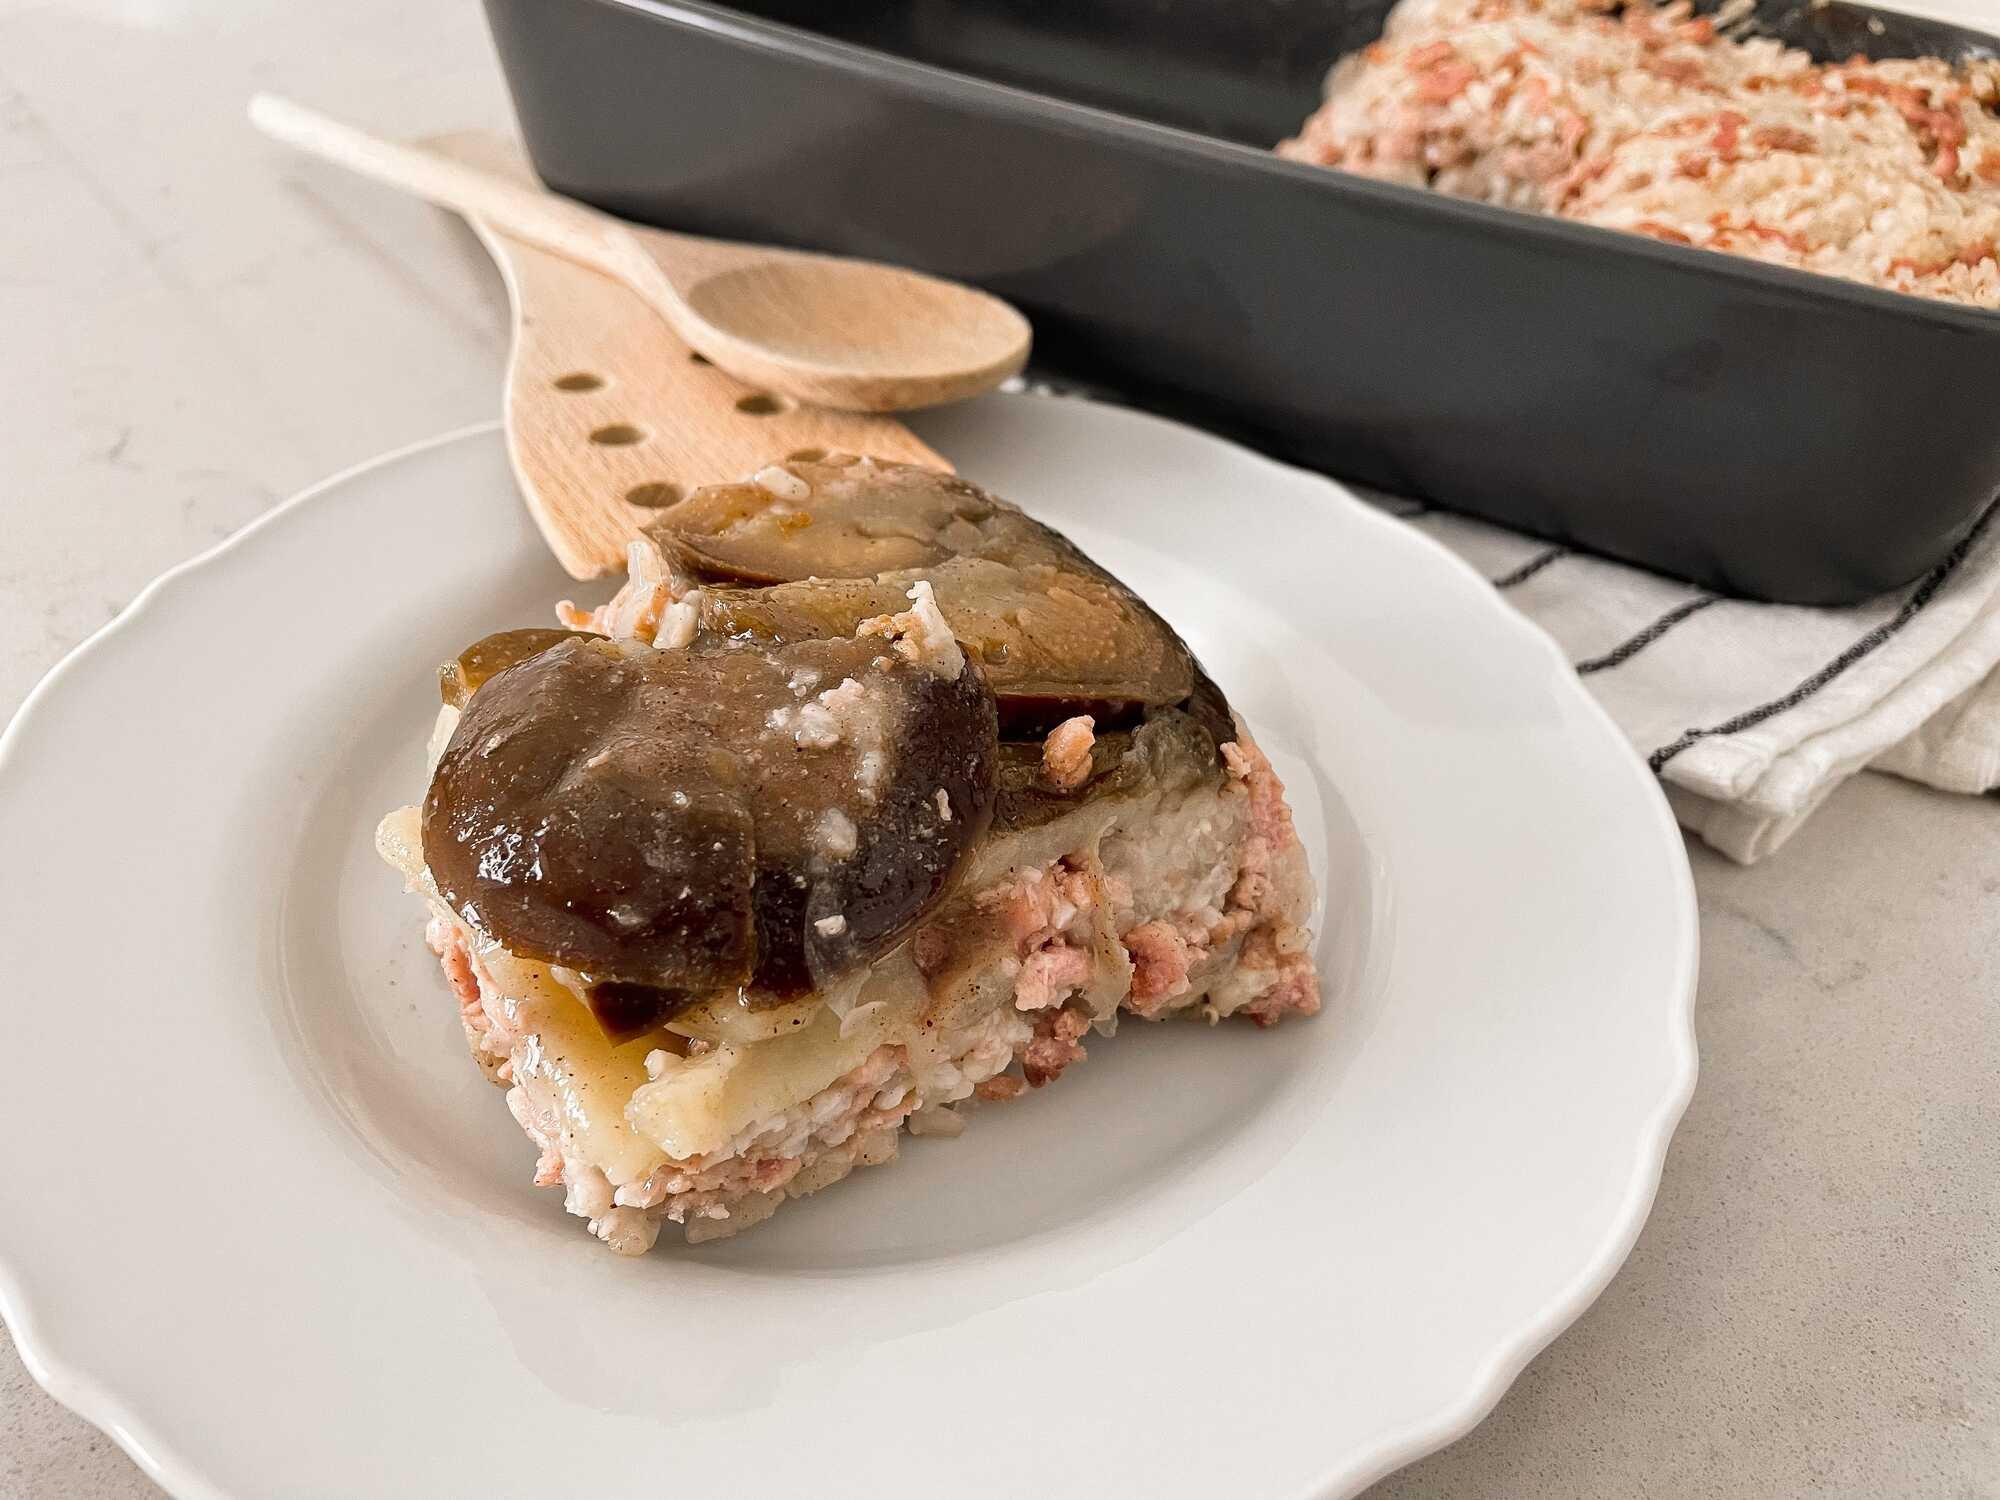 Sur une assiette de couleur blanche est présenté une grosse part de Maklouba. Les aubergines en couches épaisses recouvrent la préparation.